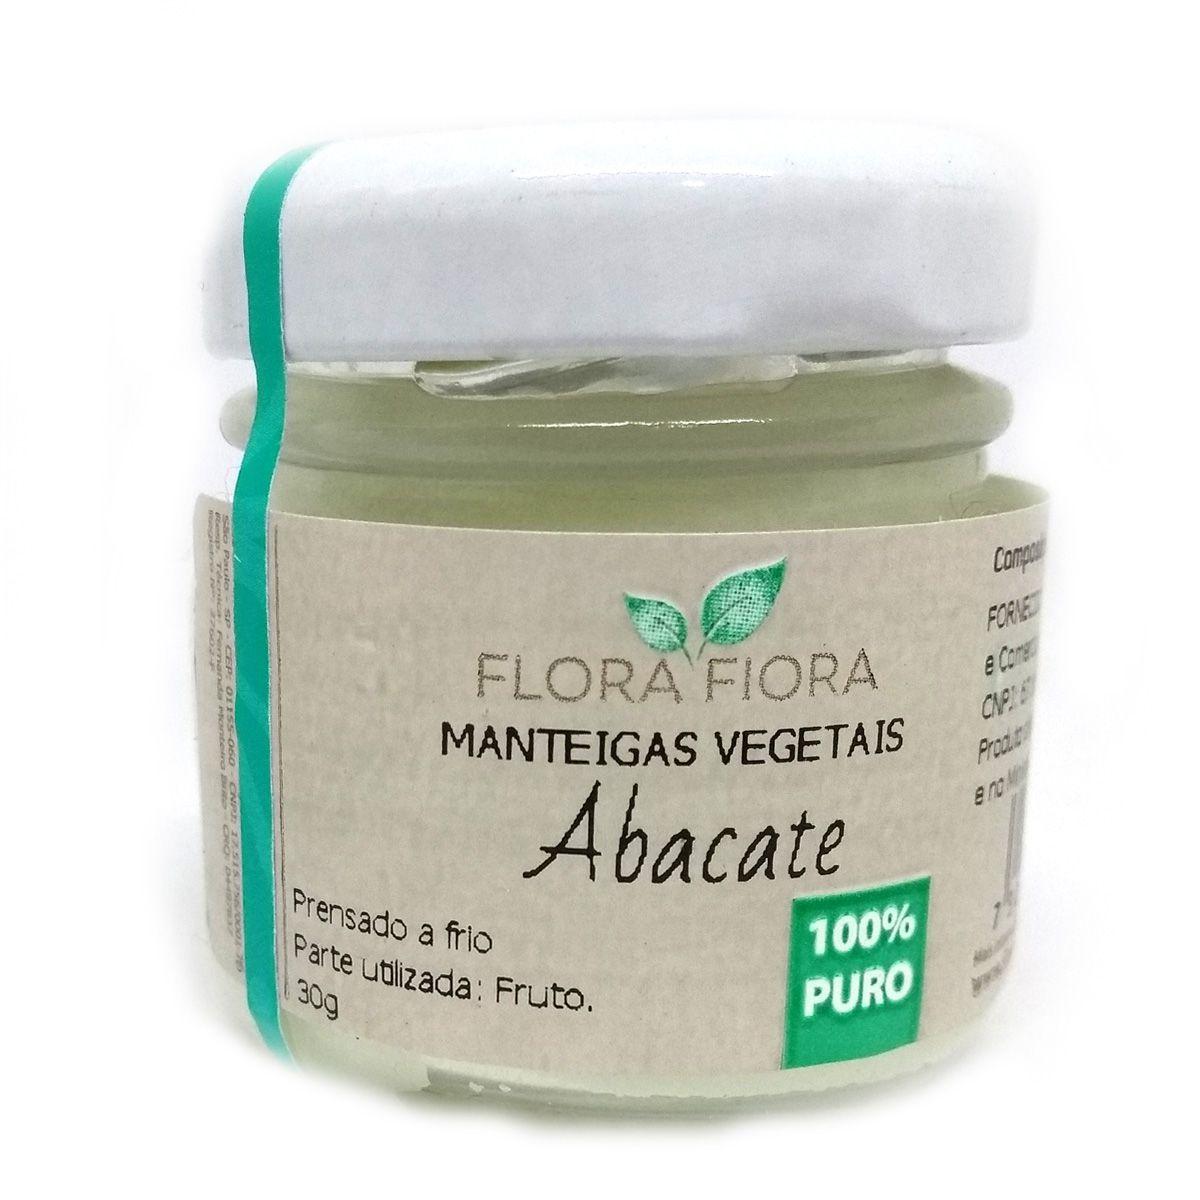 Manteiga Vegetal de Abacate 30g